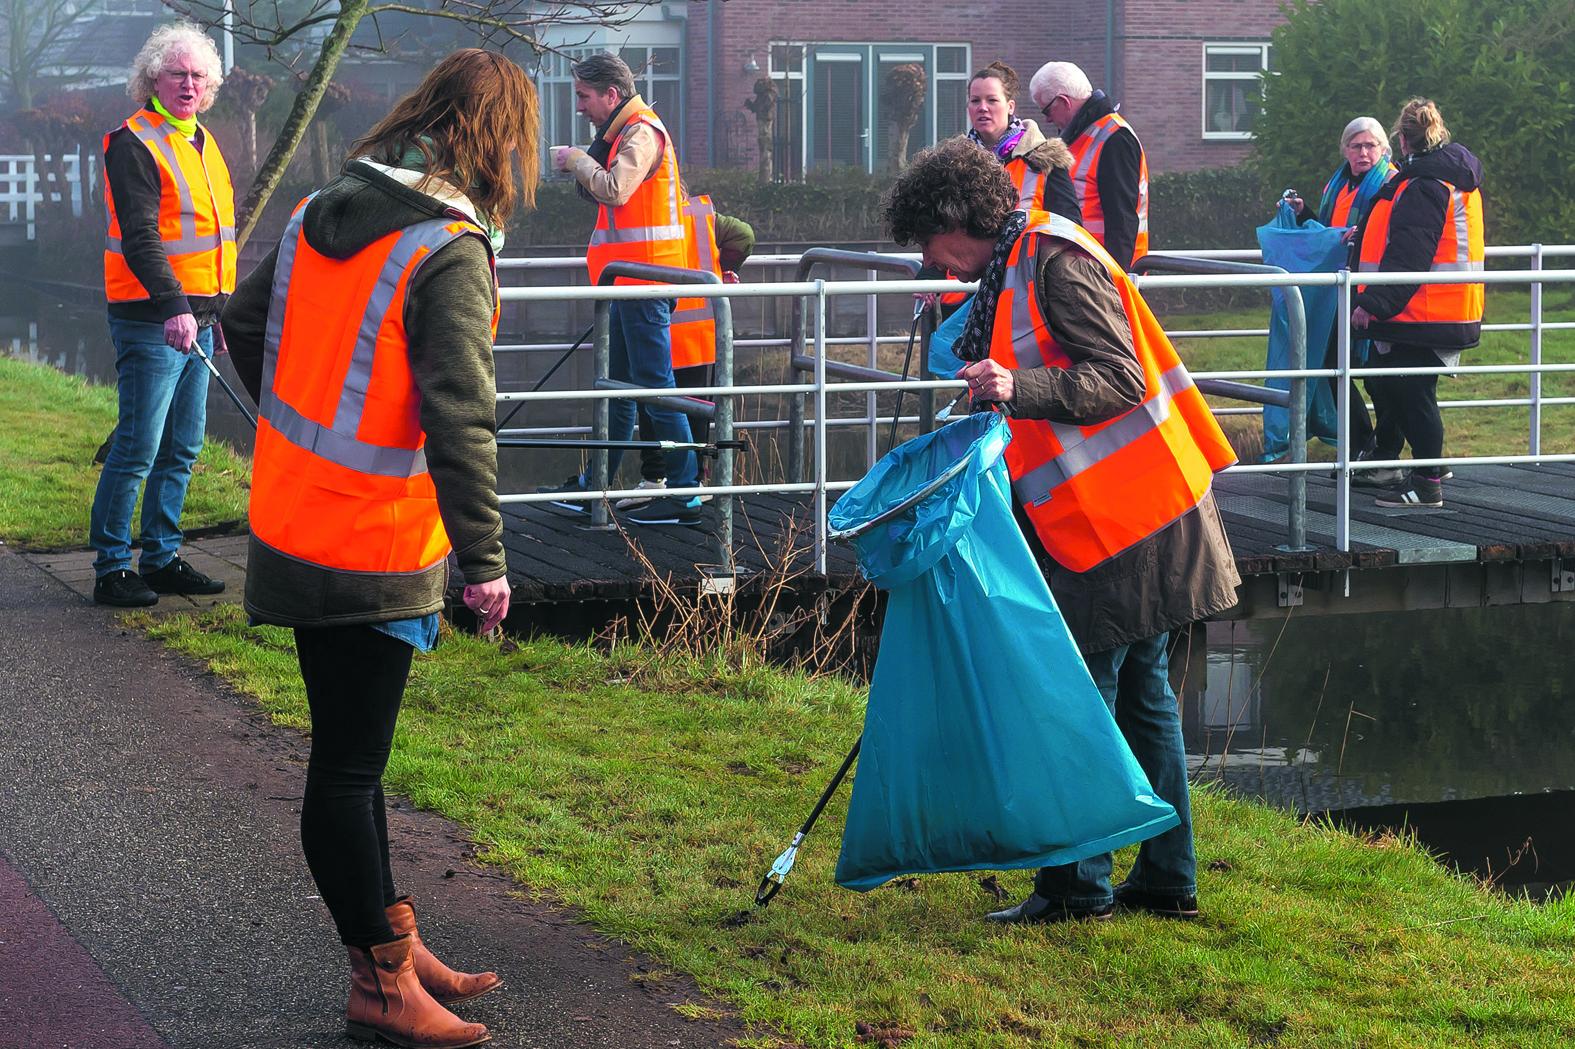 Voordat de buurt van huisvuil werd verlost, ging de hele groep op de foto. (Foto: Han Giskes) rodi.nl © rodi